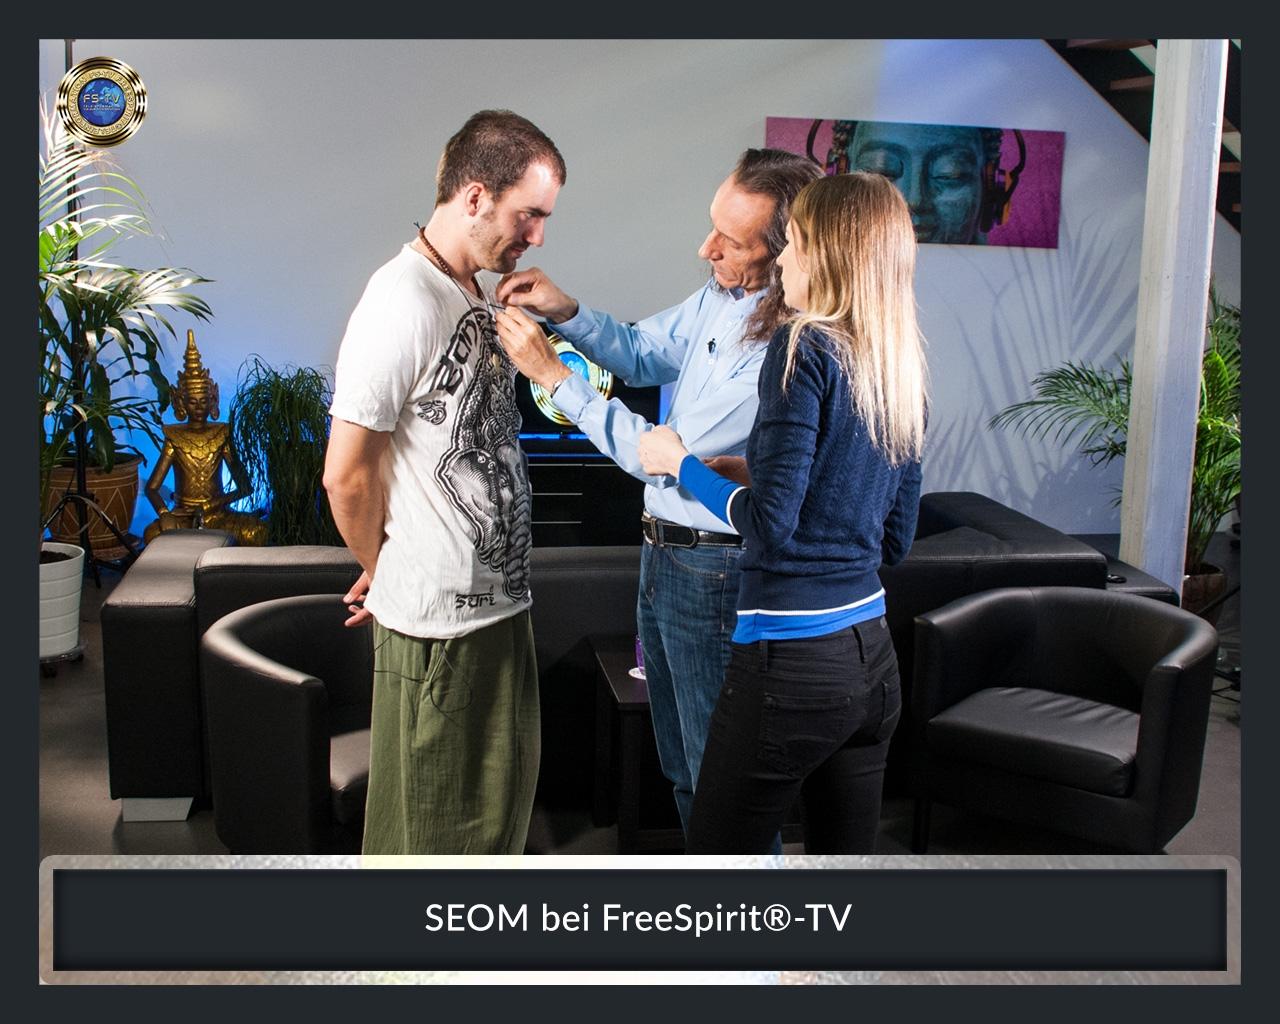 FS-TV-Bildergallerie-SEOM2